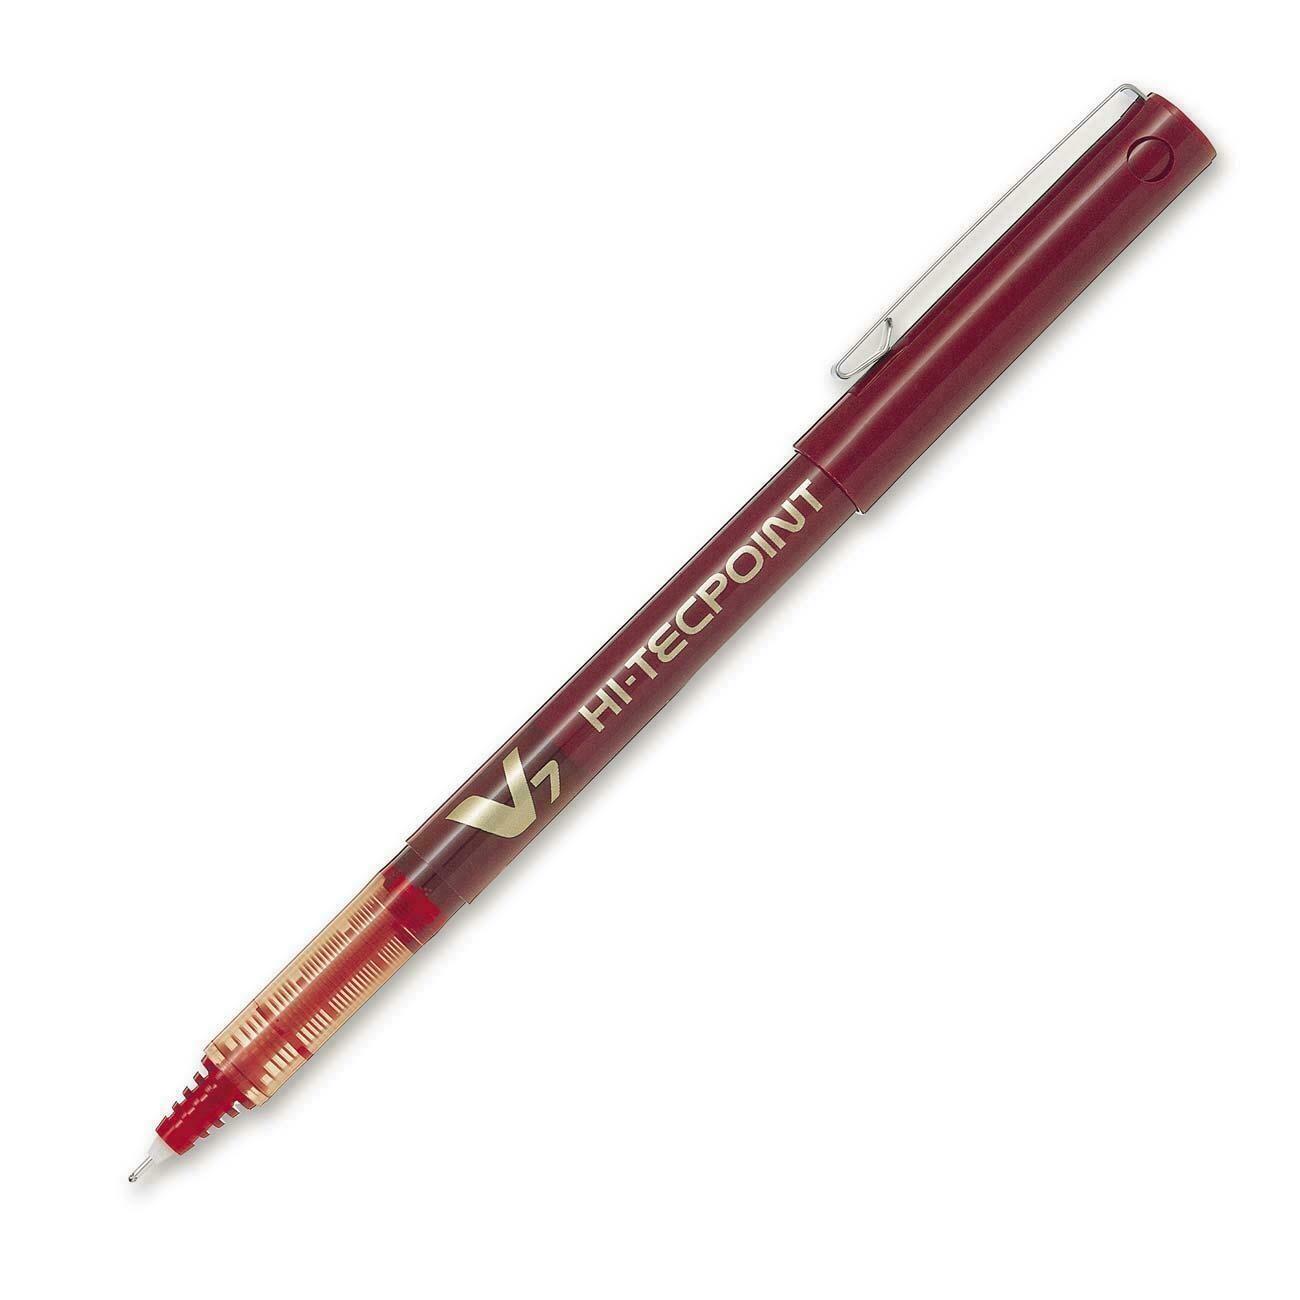 Pen, Rollerball, Hi-Tecpoint V7 Red, Single, 0.7 Mm